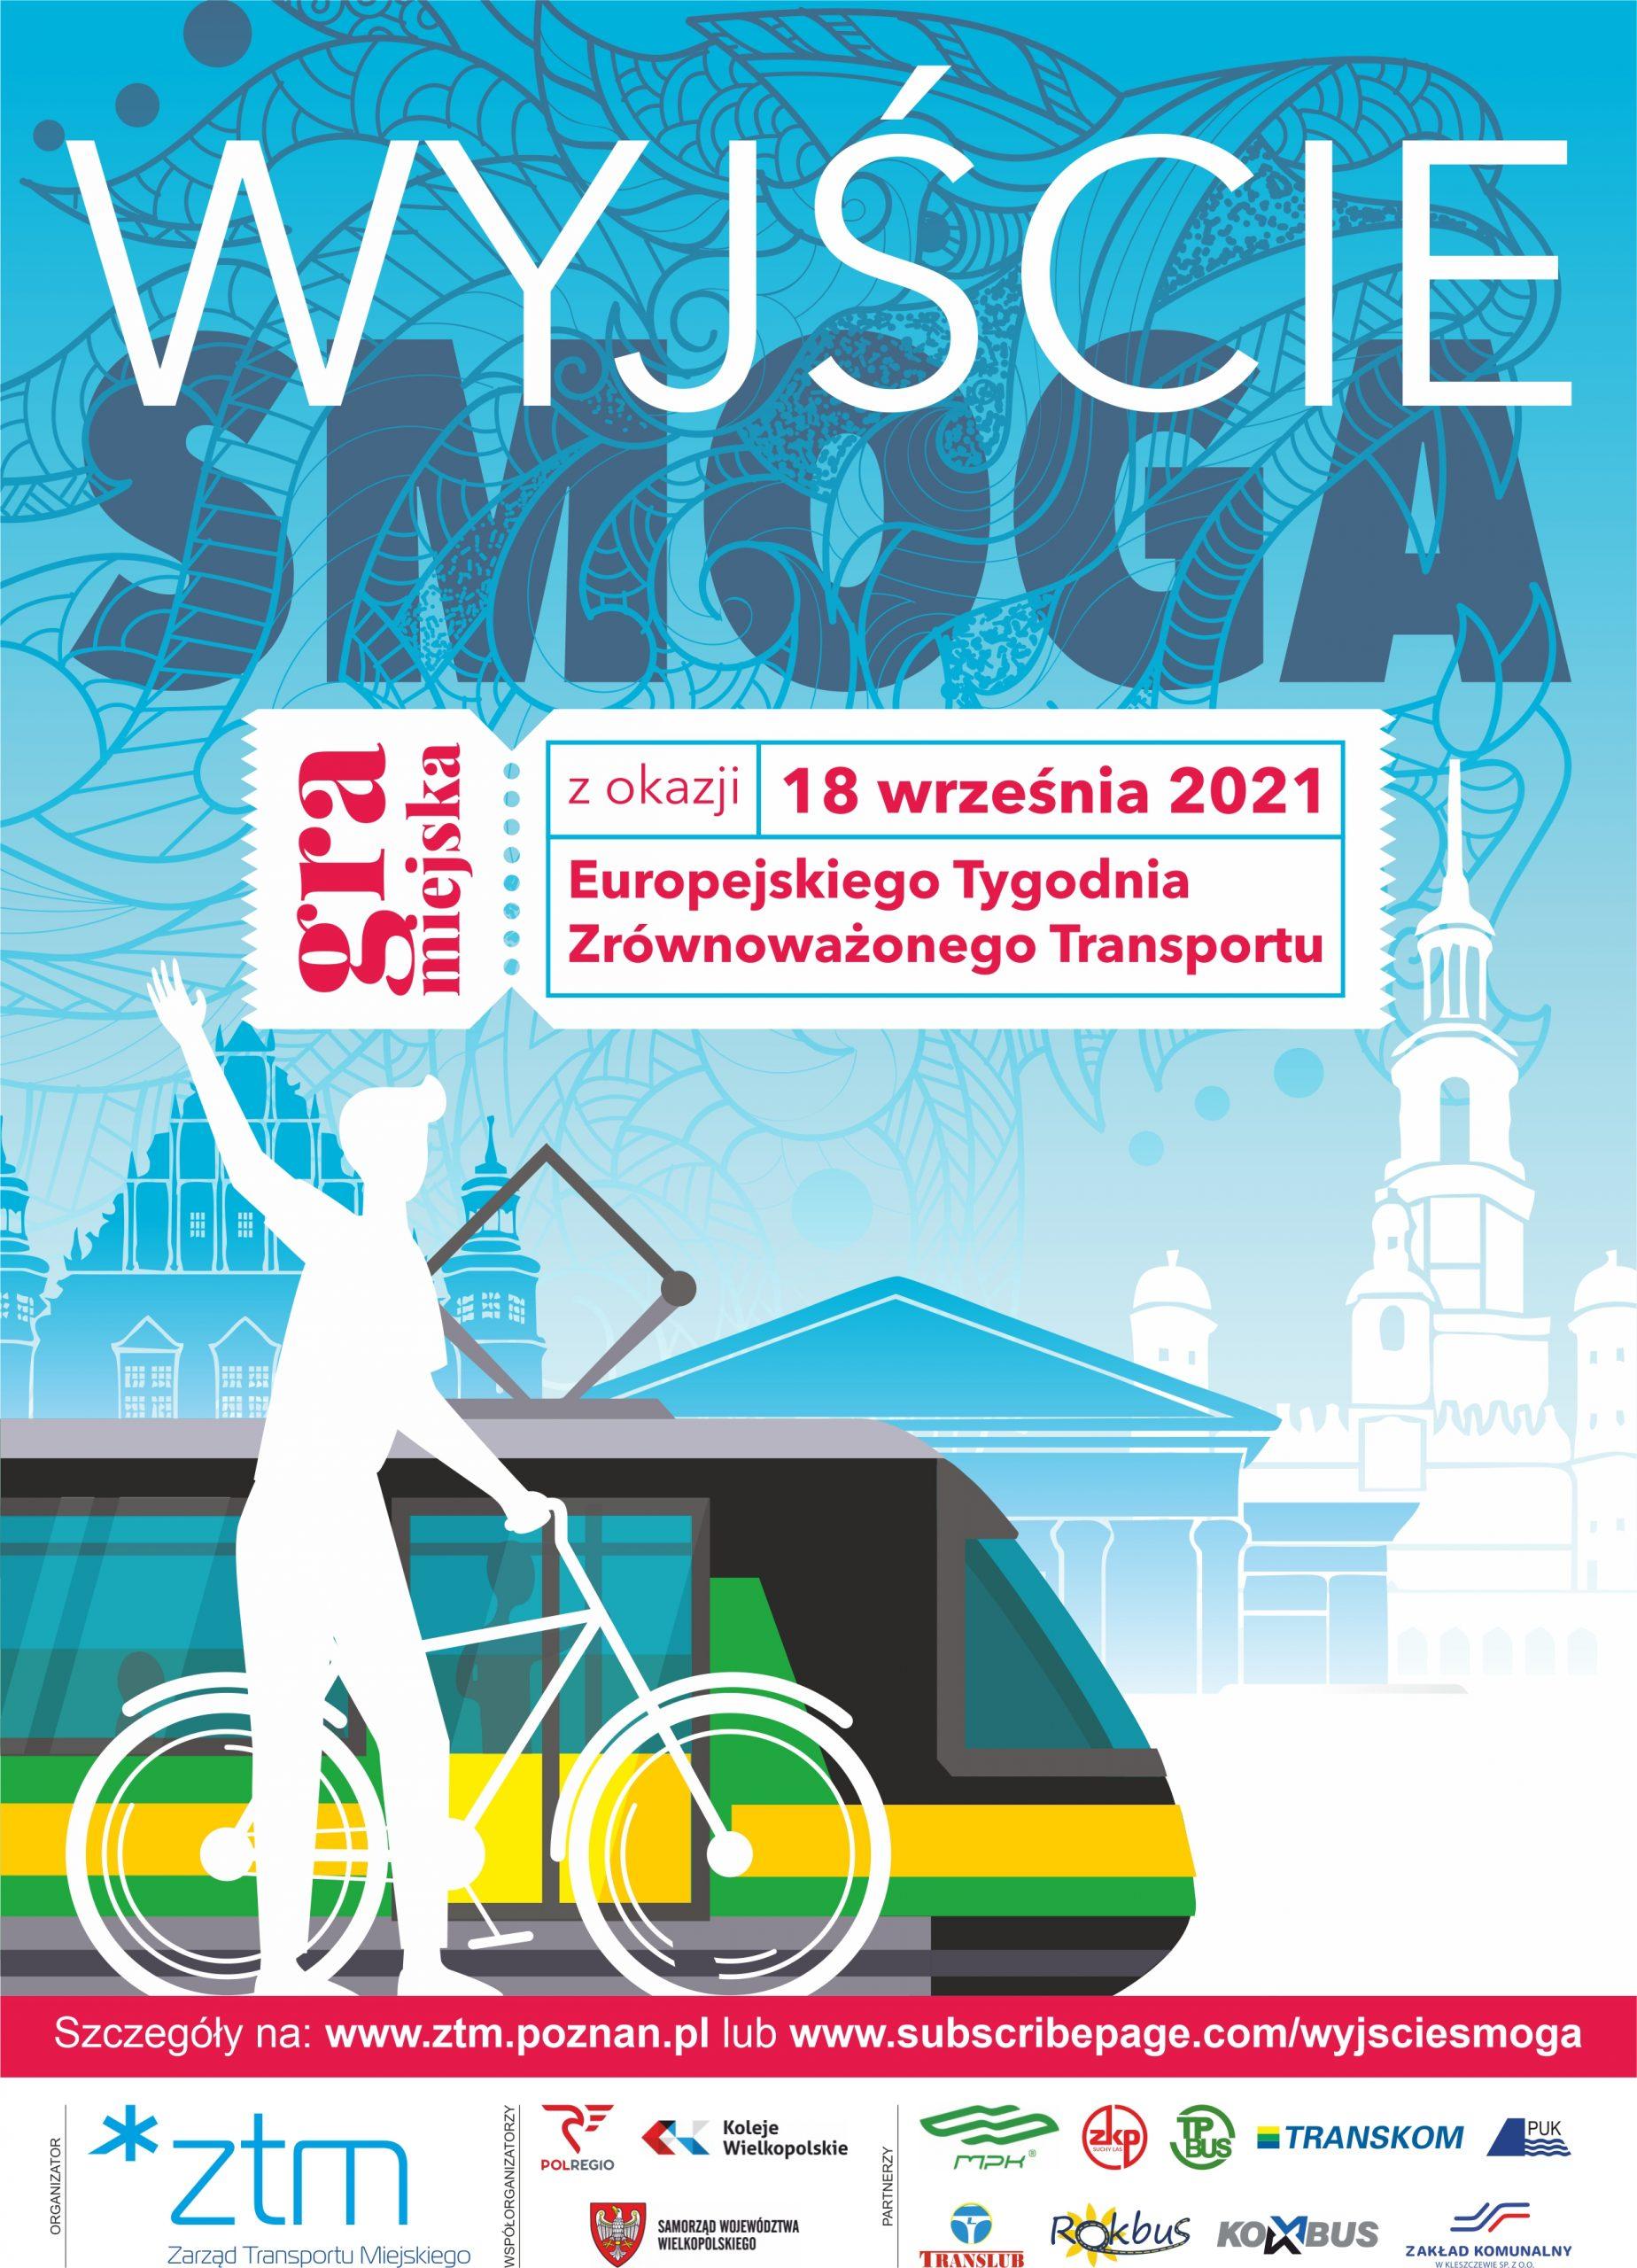 Plakat promujący grę miejską Wyjście Smoga